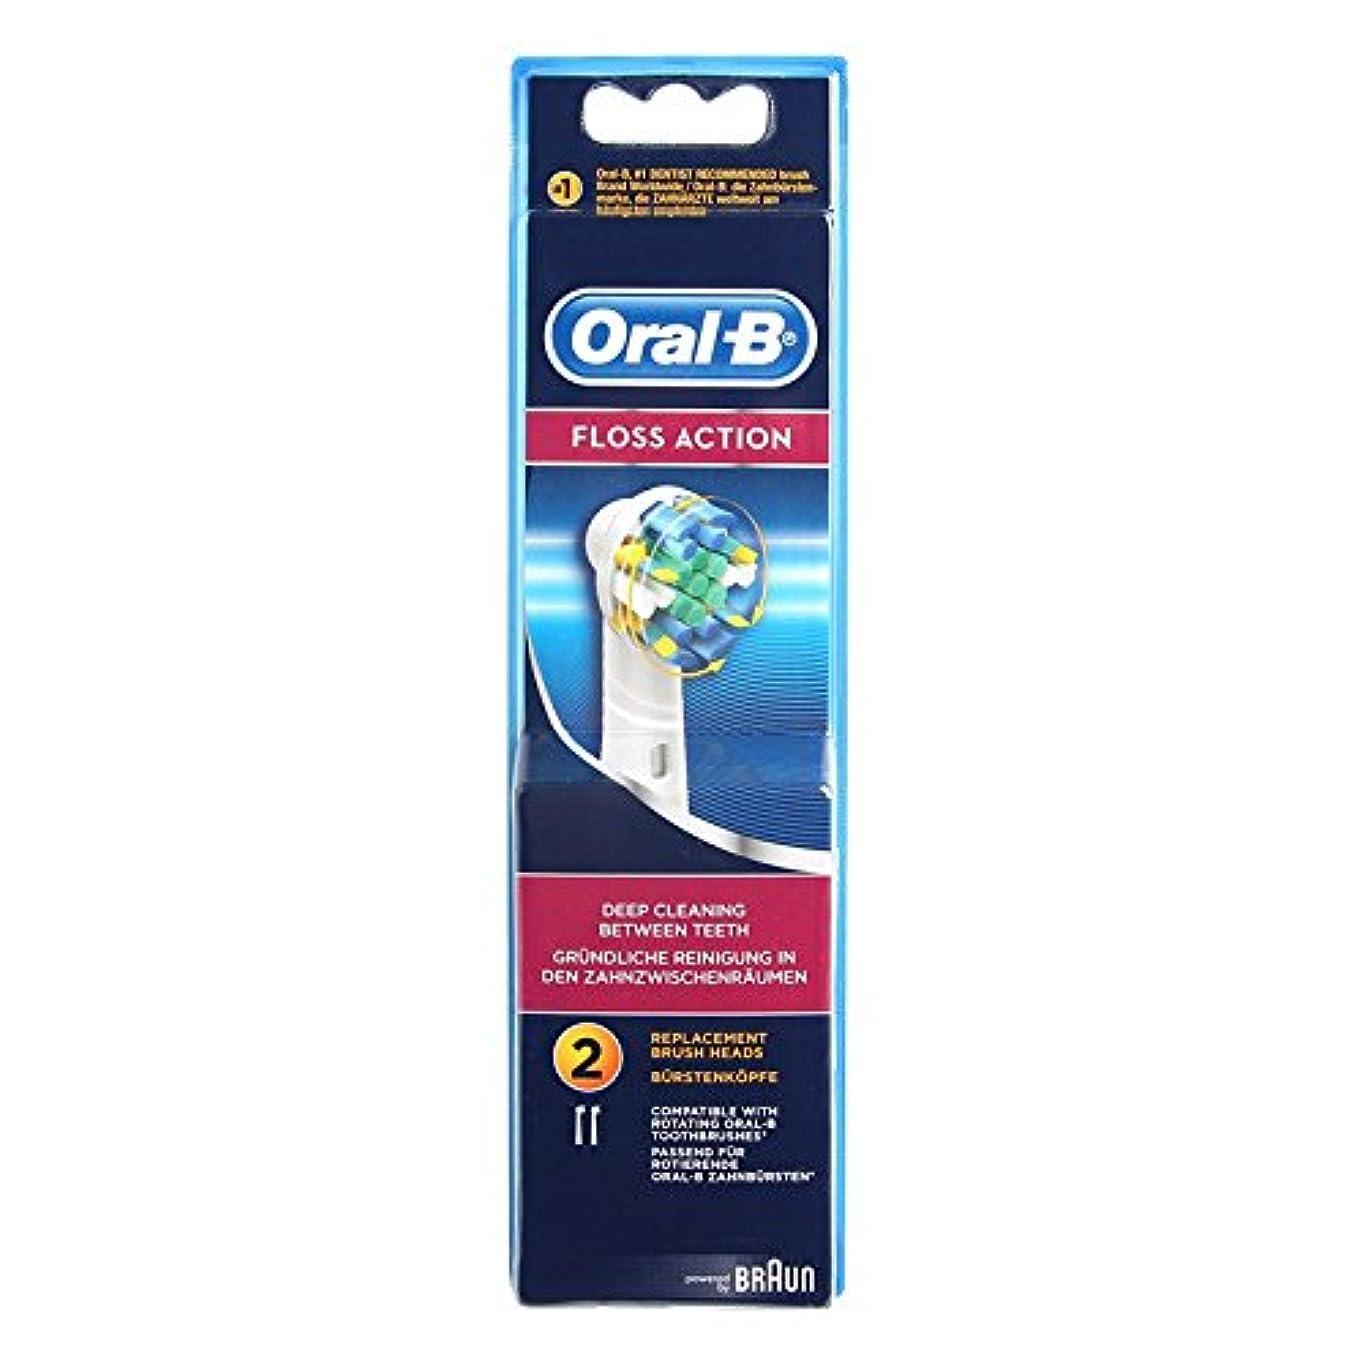 きつくドラッグ待つBraun Oral-B EB25-2 Floss Action 交換式充電式歯ブラシヘッド 1Pack [並行輸入品]